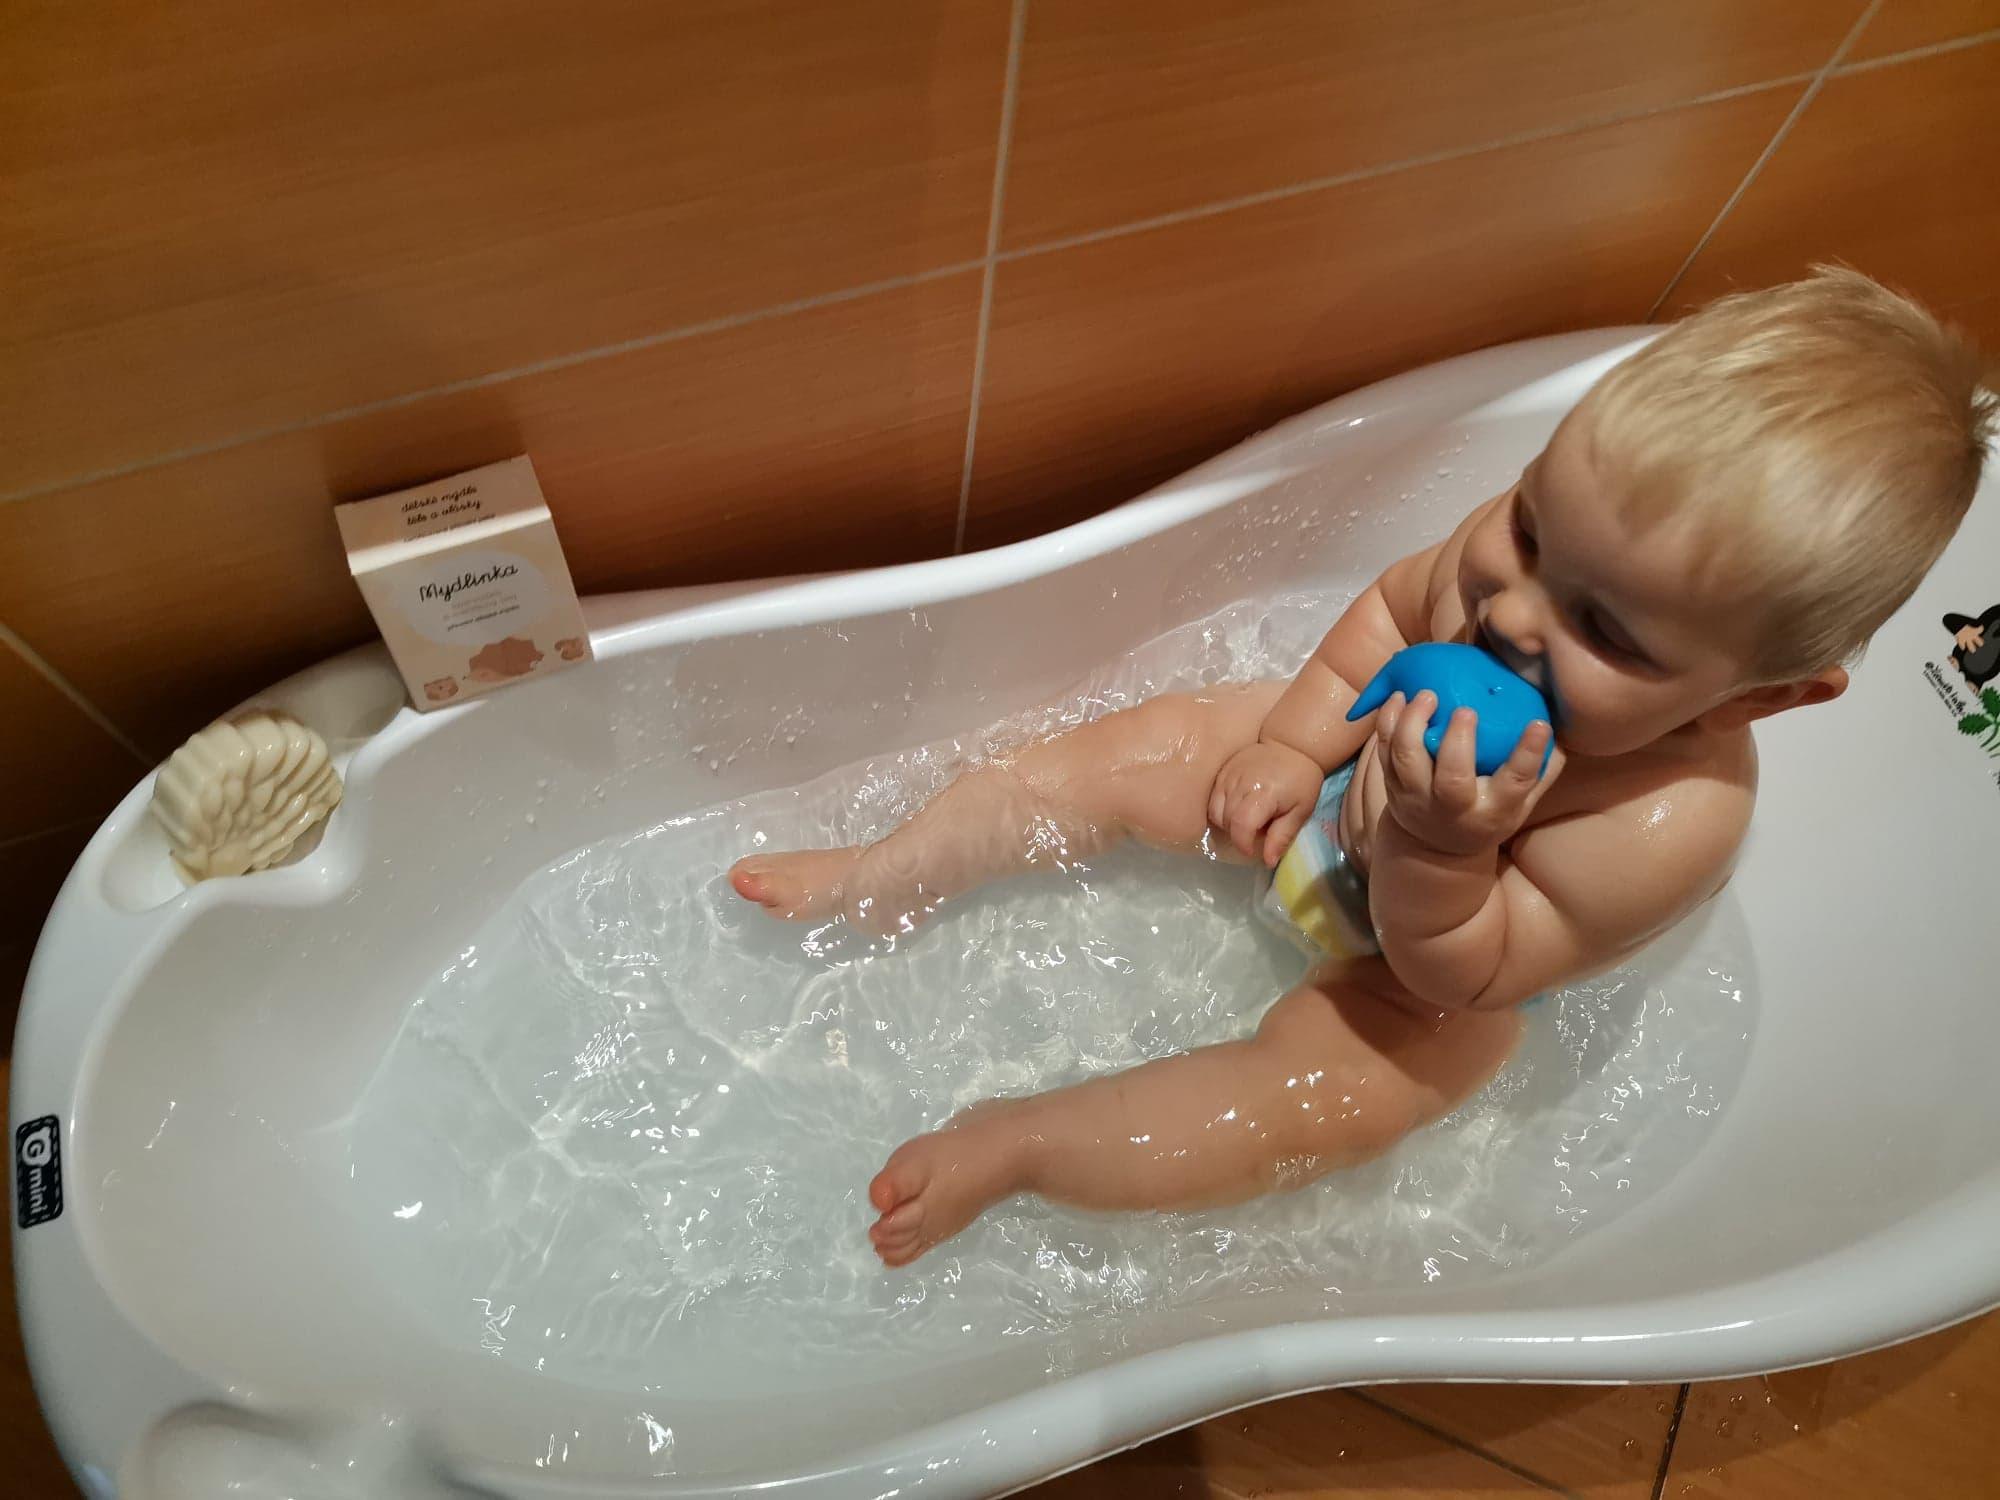 Dětské přírodní mýdlo s kozím mlékem na vlastní kůži